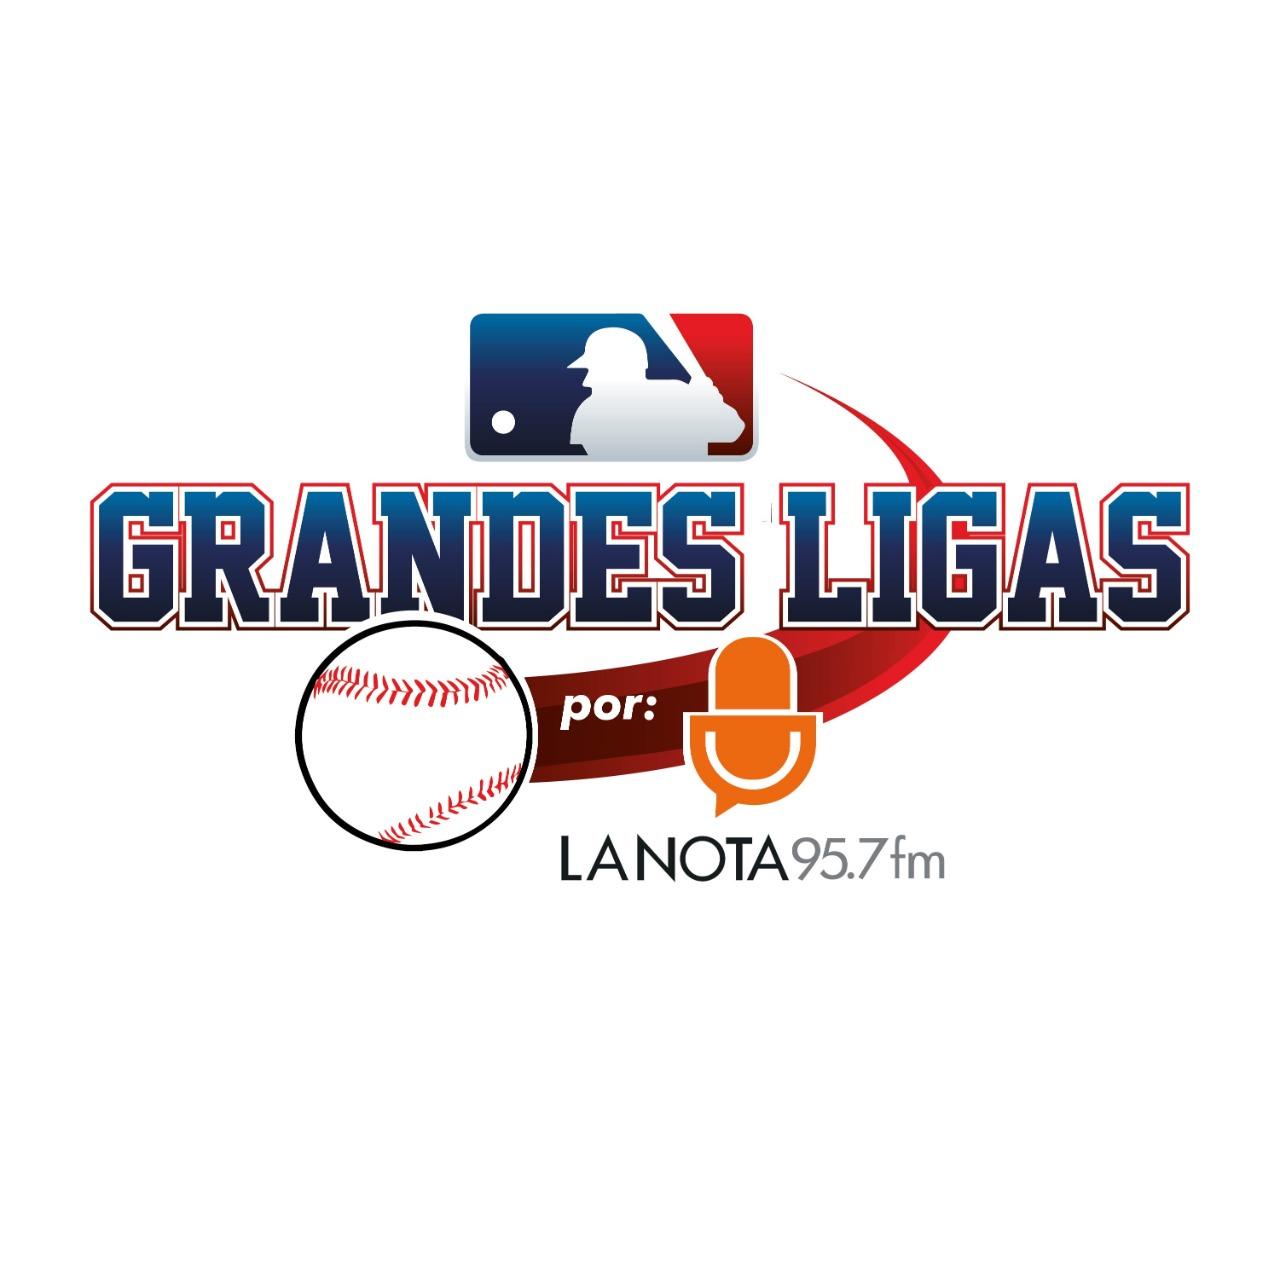 Transmisiones de Grandes Ligas por radio tendrá cobertura nacional